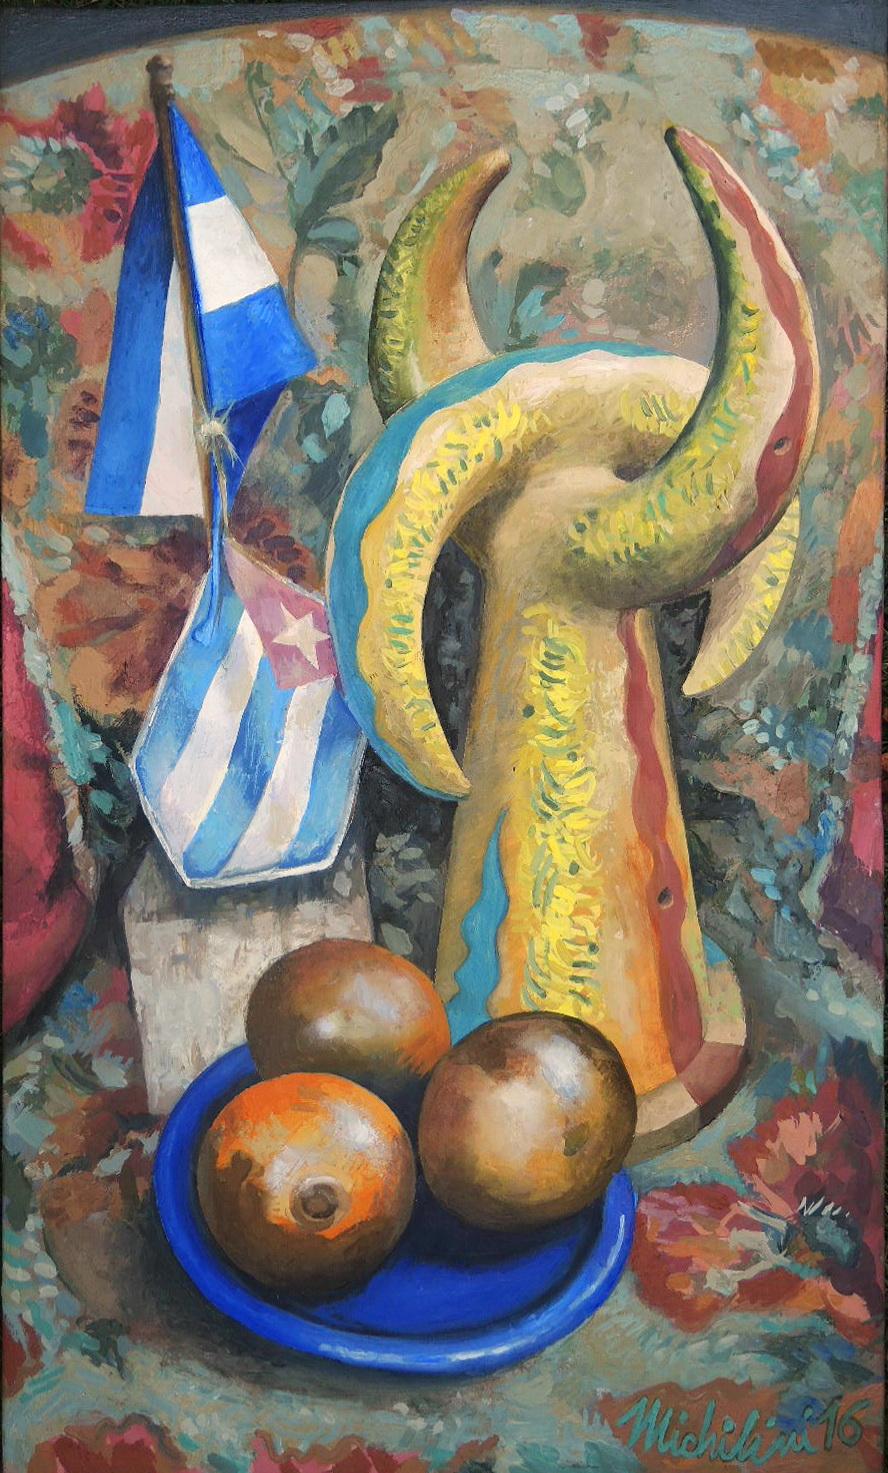 Sergio Michilini, BODEGON BIBLICO, 2016, oleo sobre tela, cm.60x35